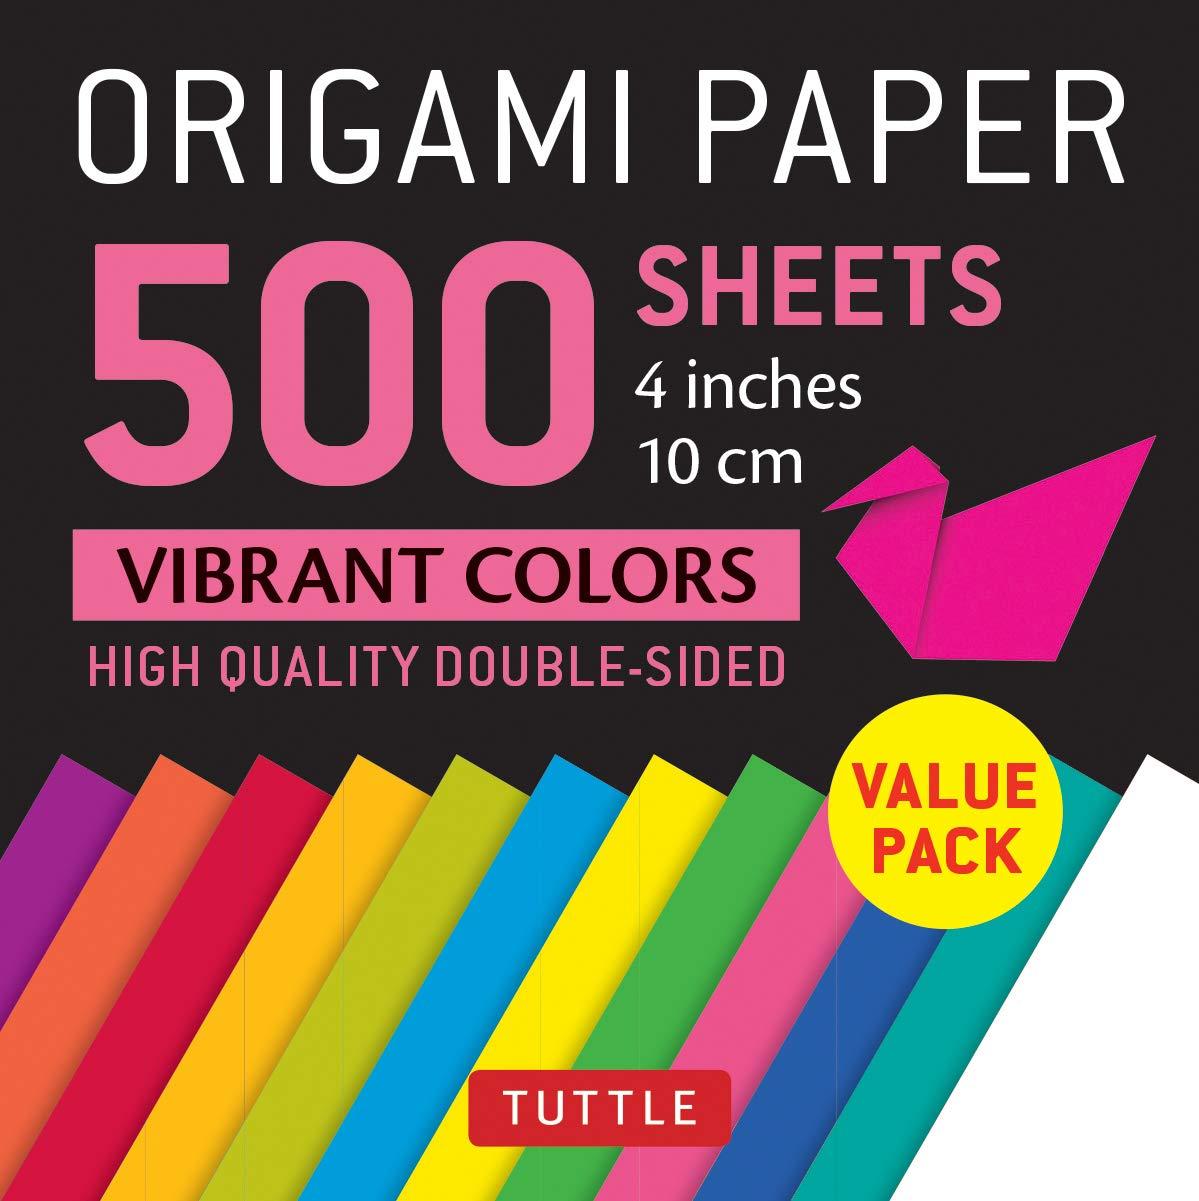 Vibrant Colors Origami Paper 500 Sheets